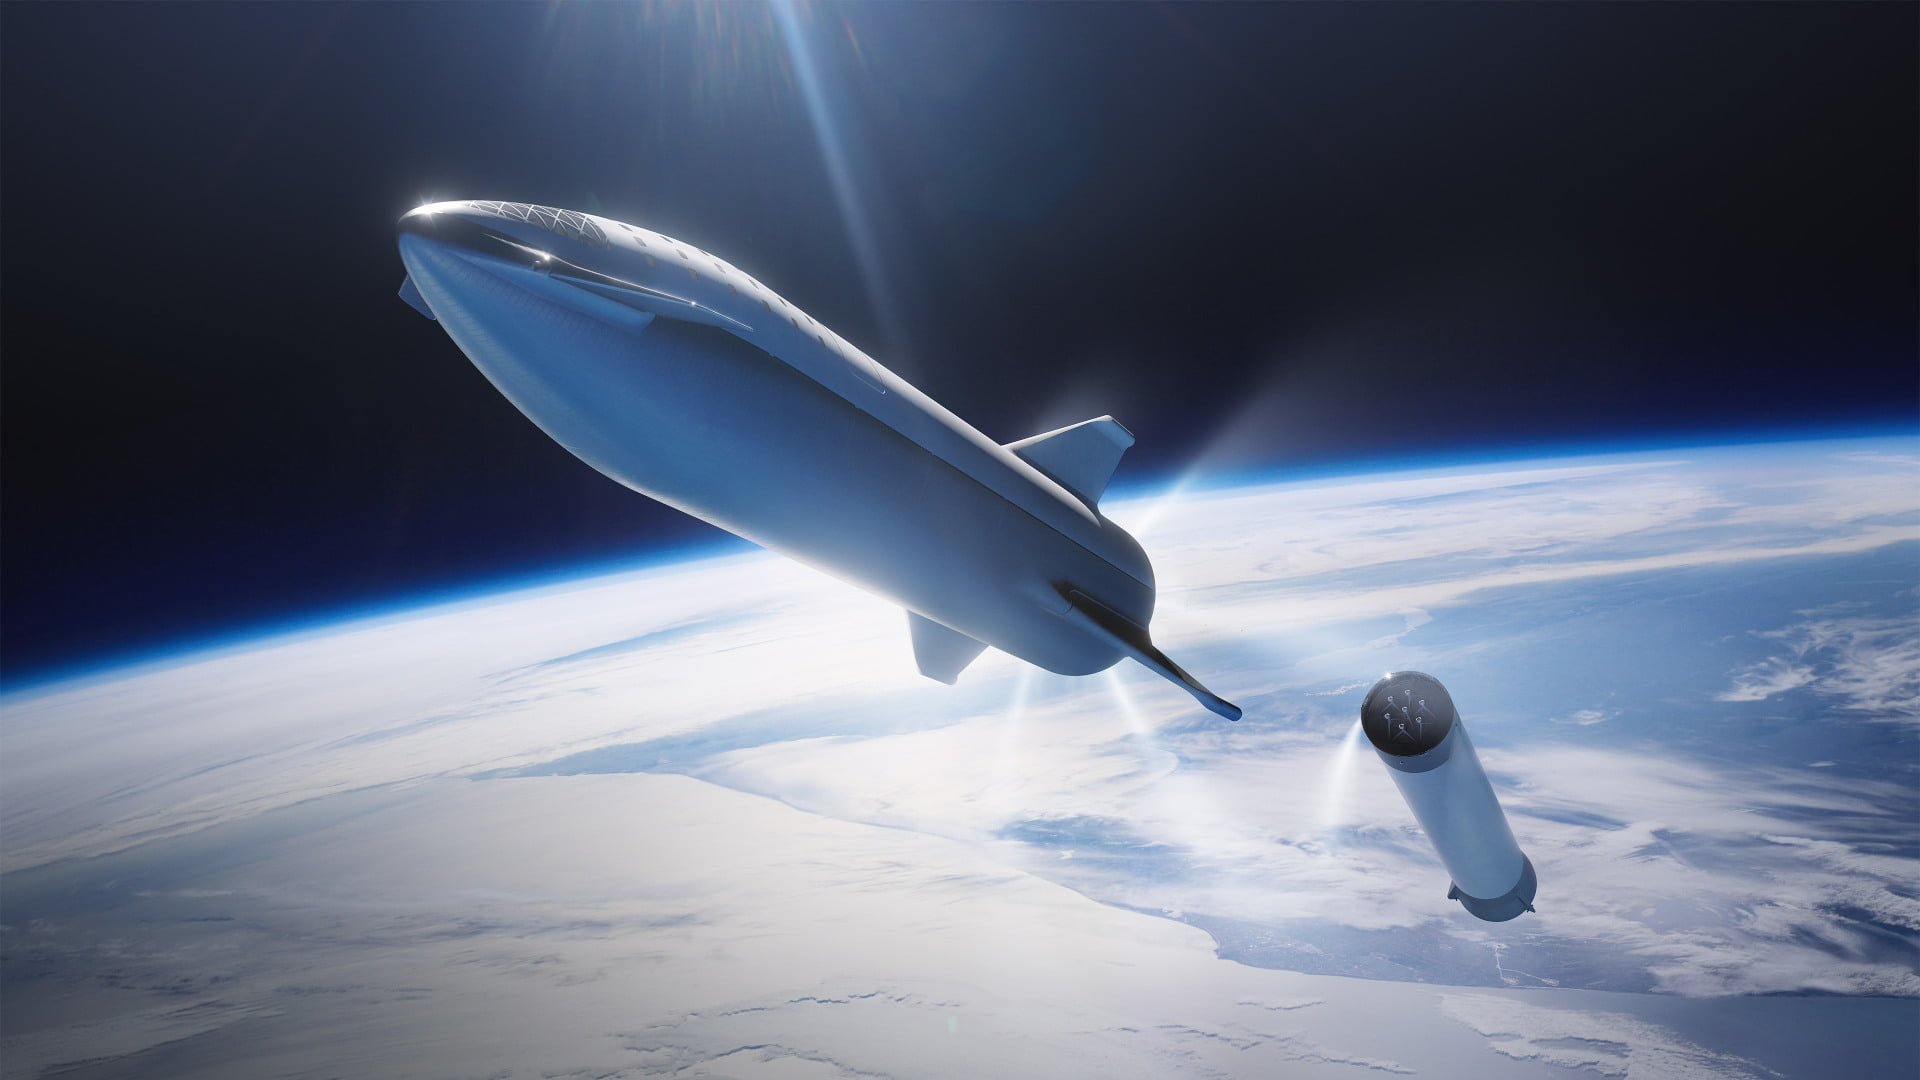 Tabletowo.pl Starship i Super Heavy - co nowe nazwy pojazdów znaczą dla SpaceX? Ciekawostki Felietony